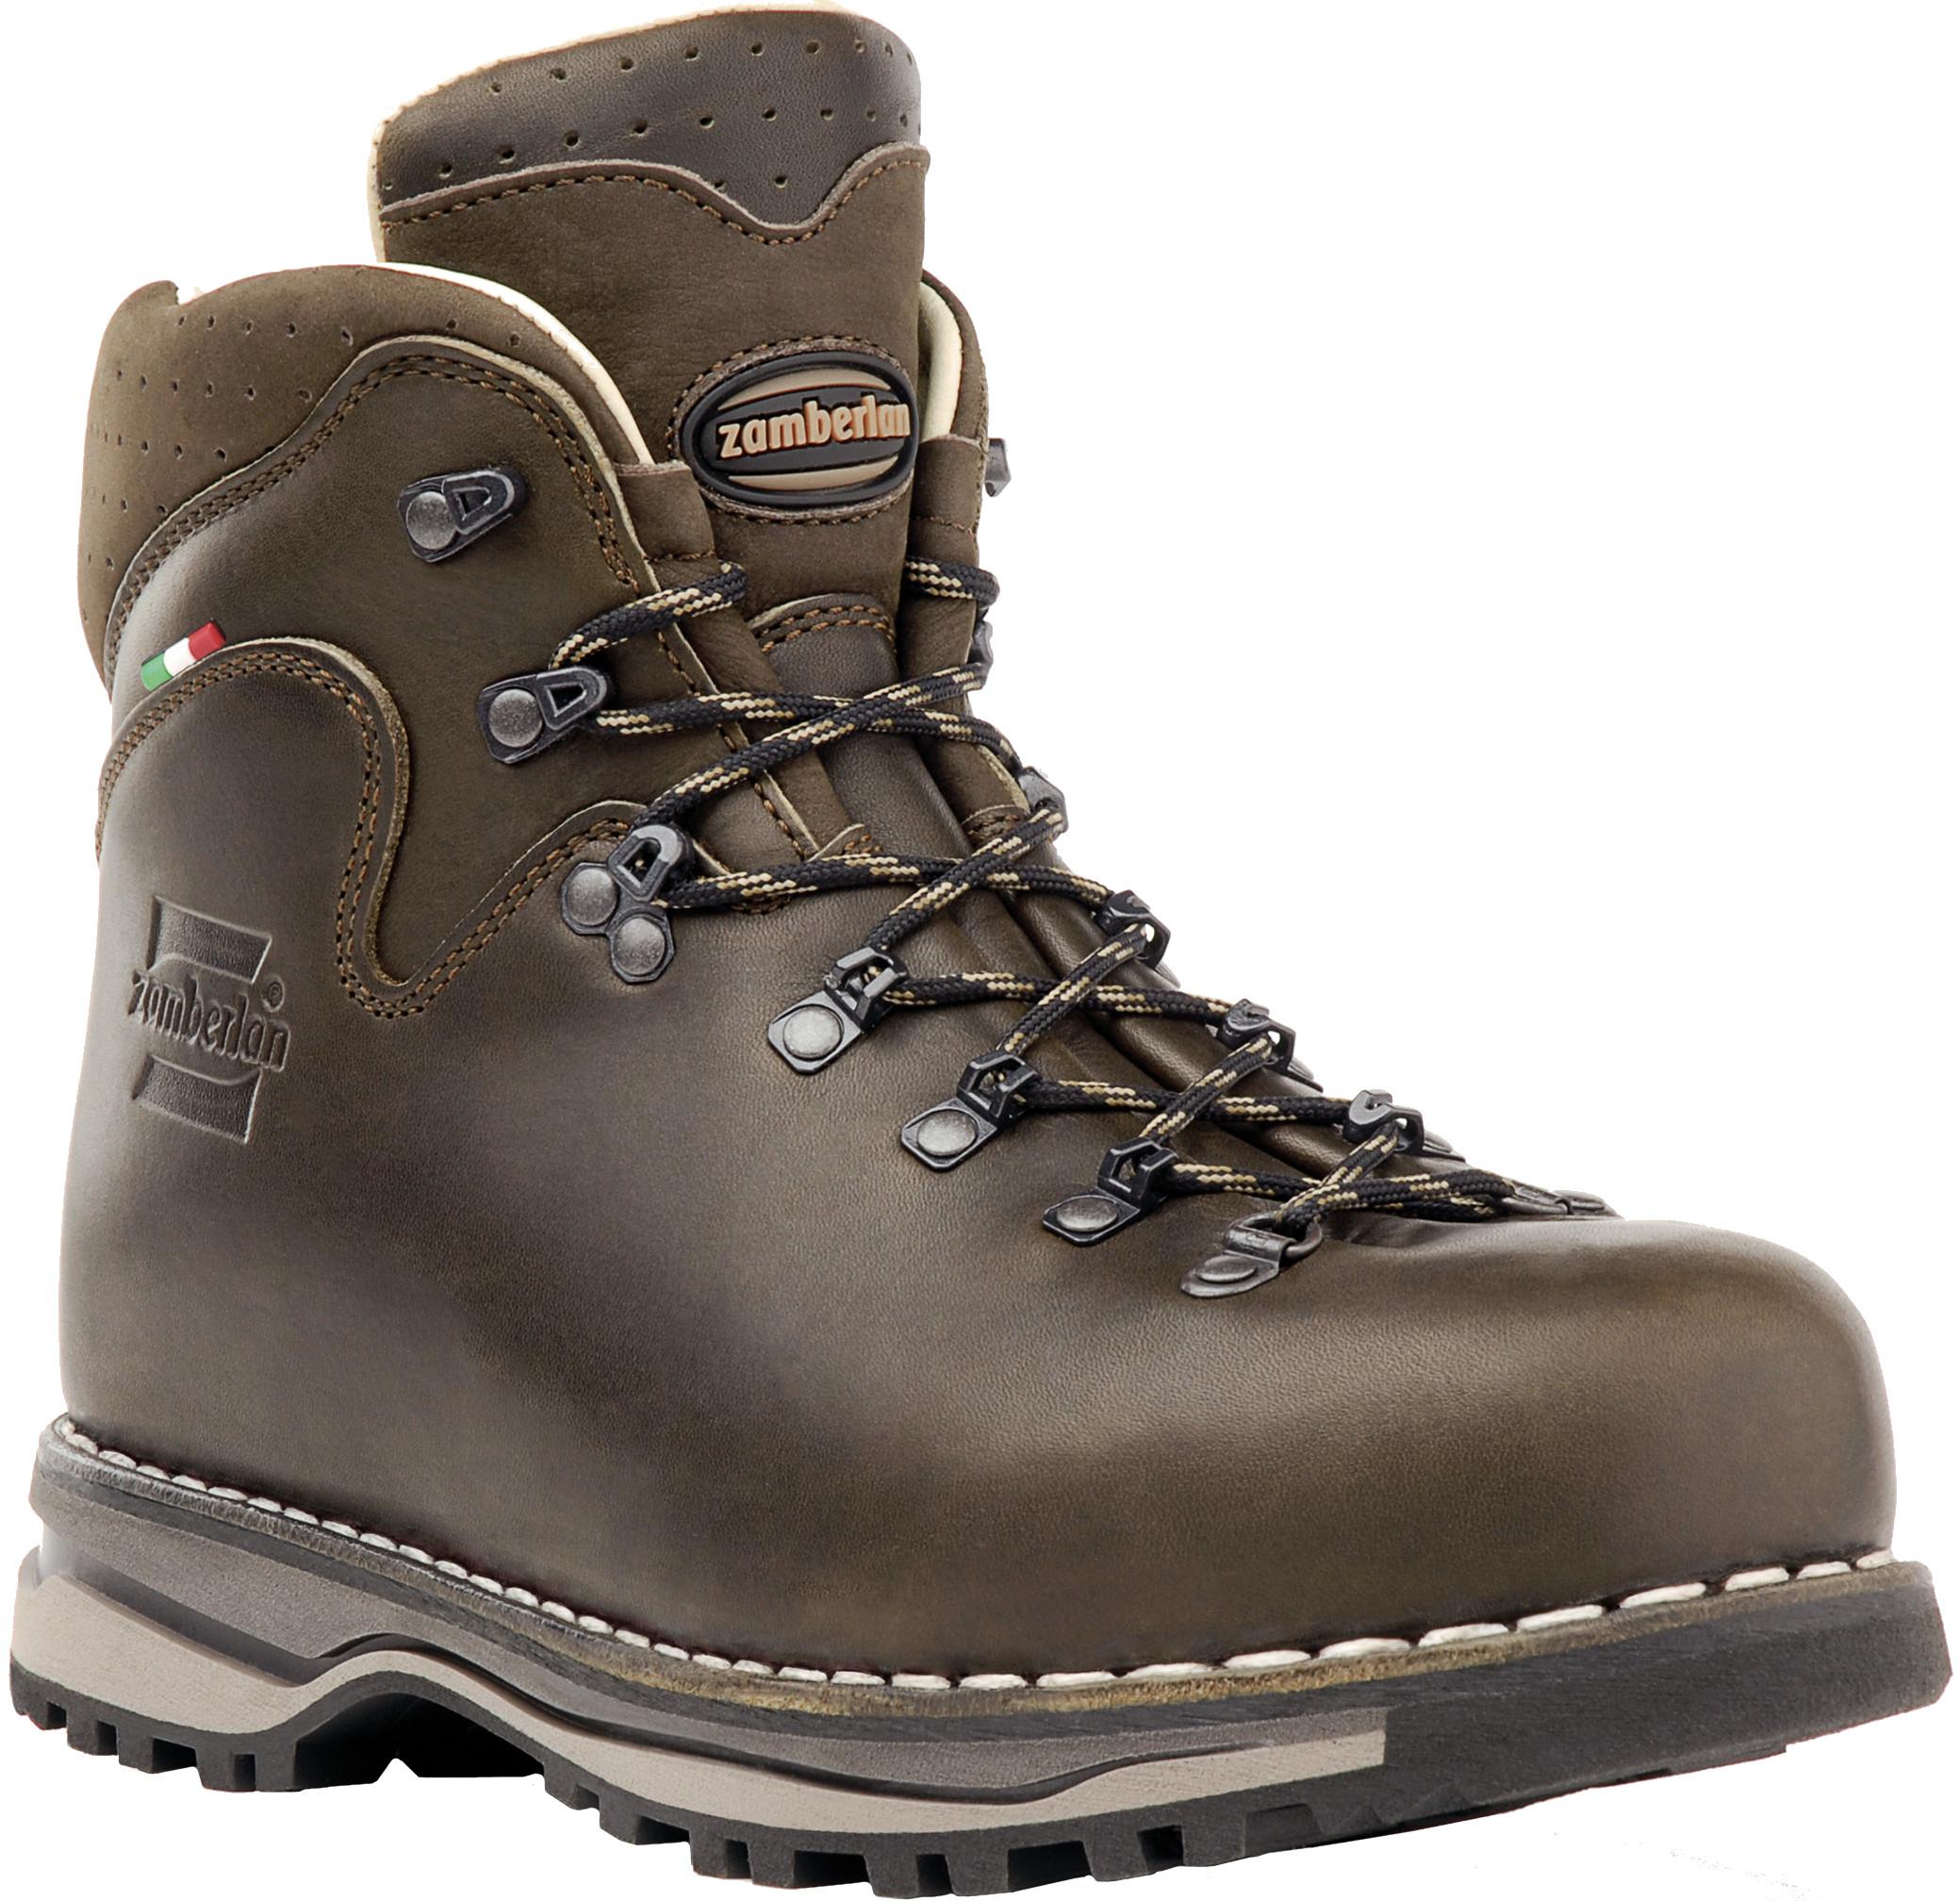 e34b7a4a980 Zamberlan 1023 Latemar NW LL Backpacking Boots - Men's